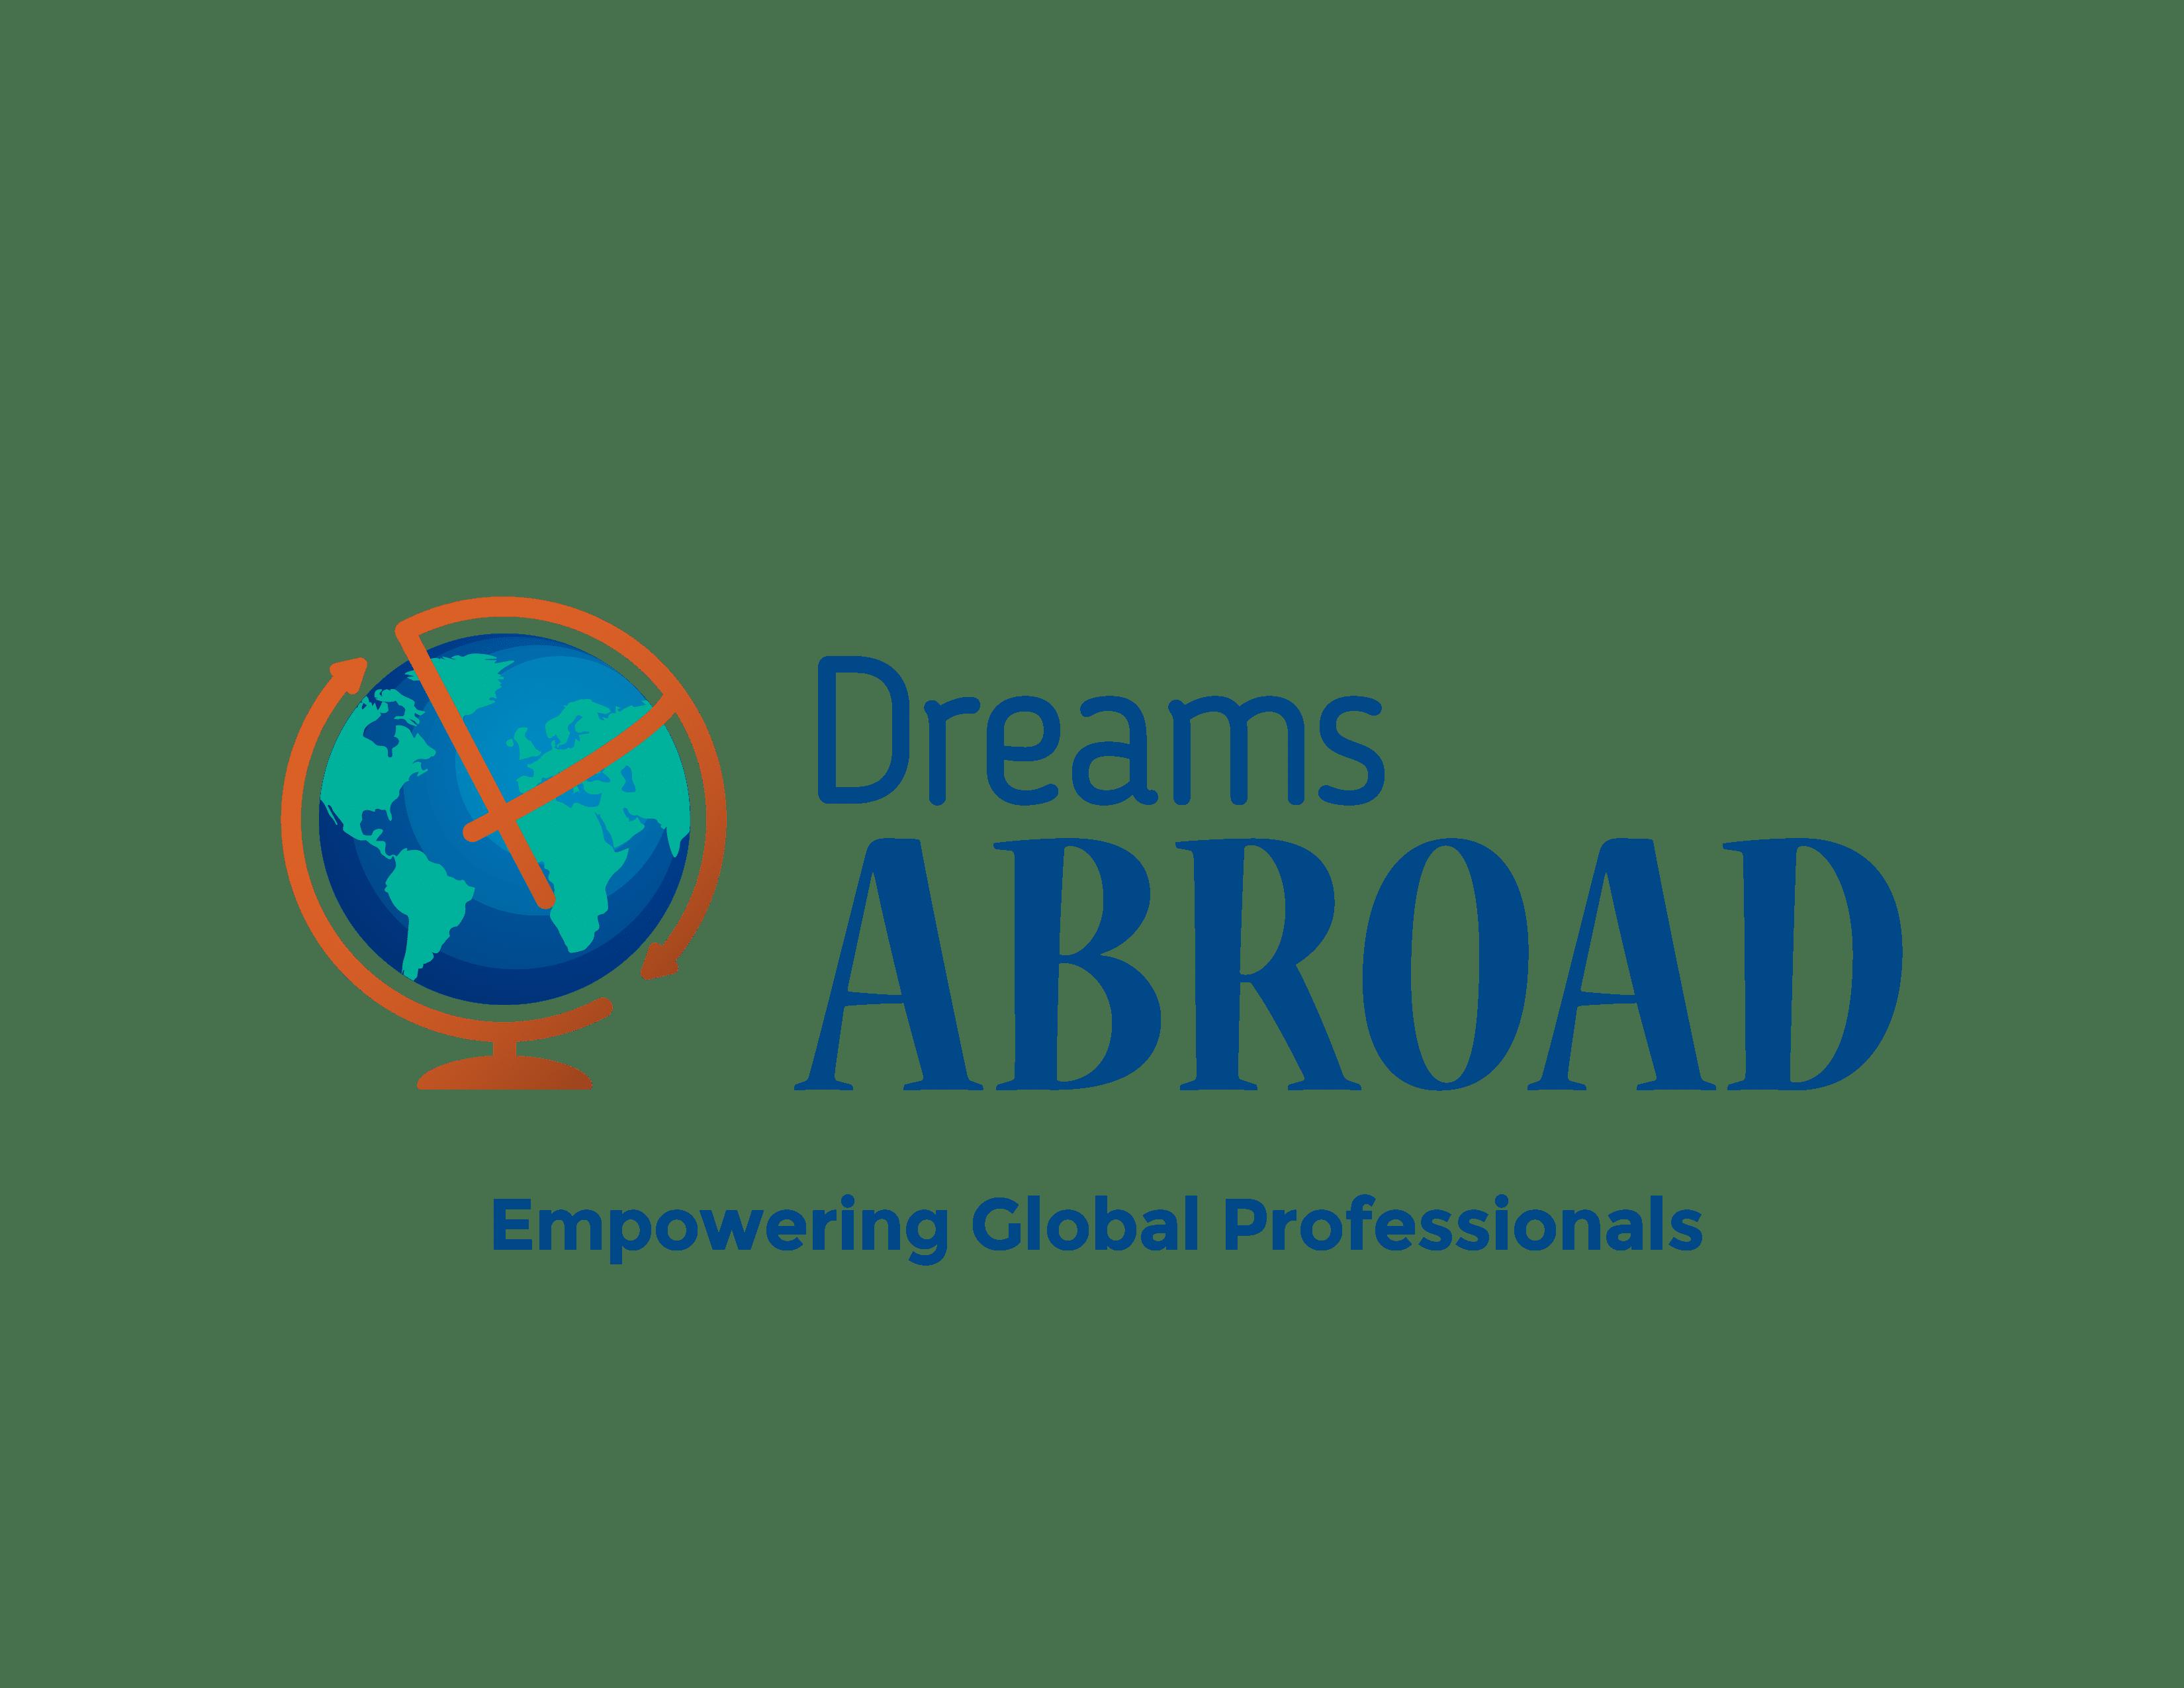 Dreams Abroad, TEFL course, TEFL jobs